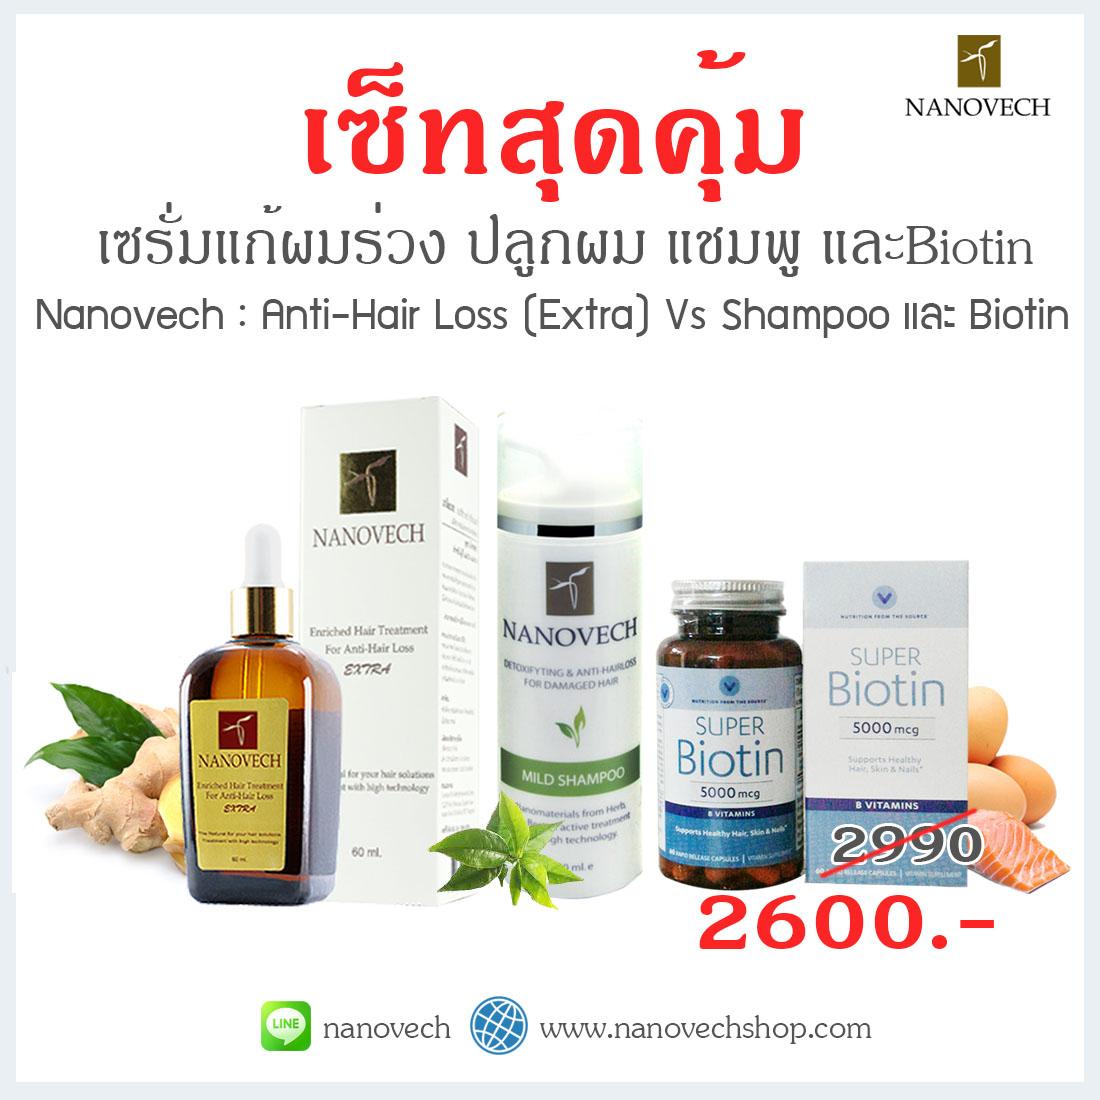 นาโนเวช สูตร Extra + Biotin + นาโนเวช แชมพู